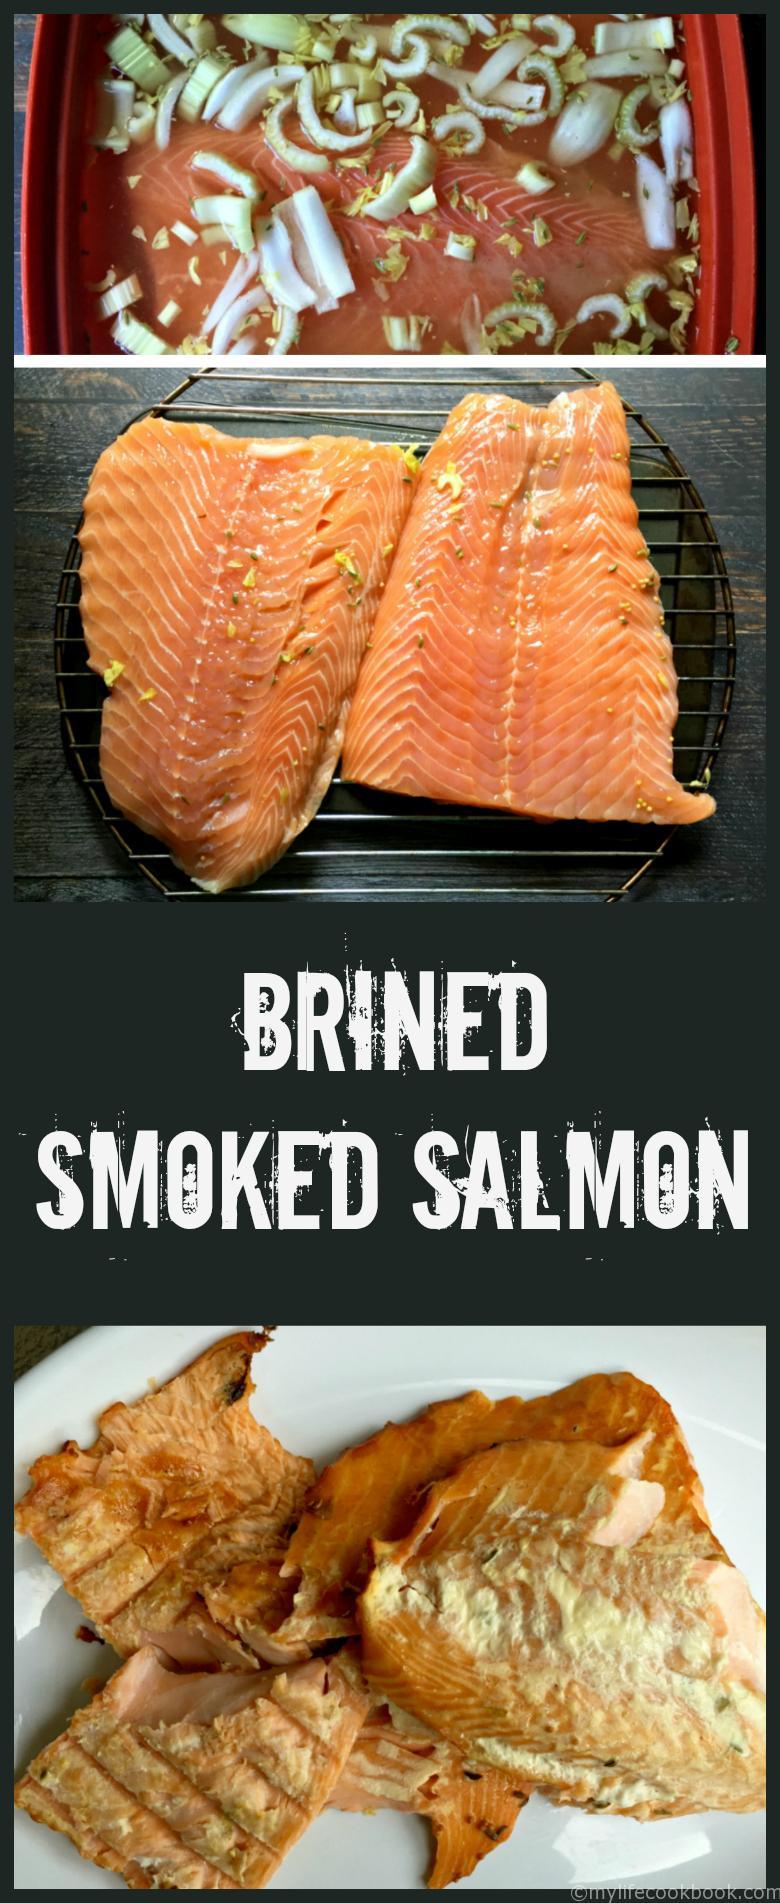 Brined-Smoked-Salmon-P